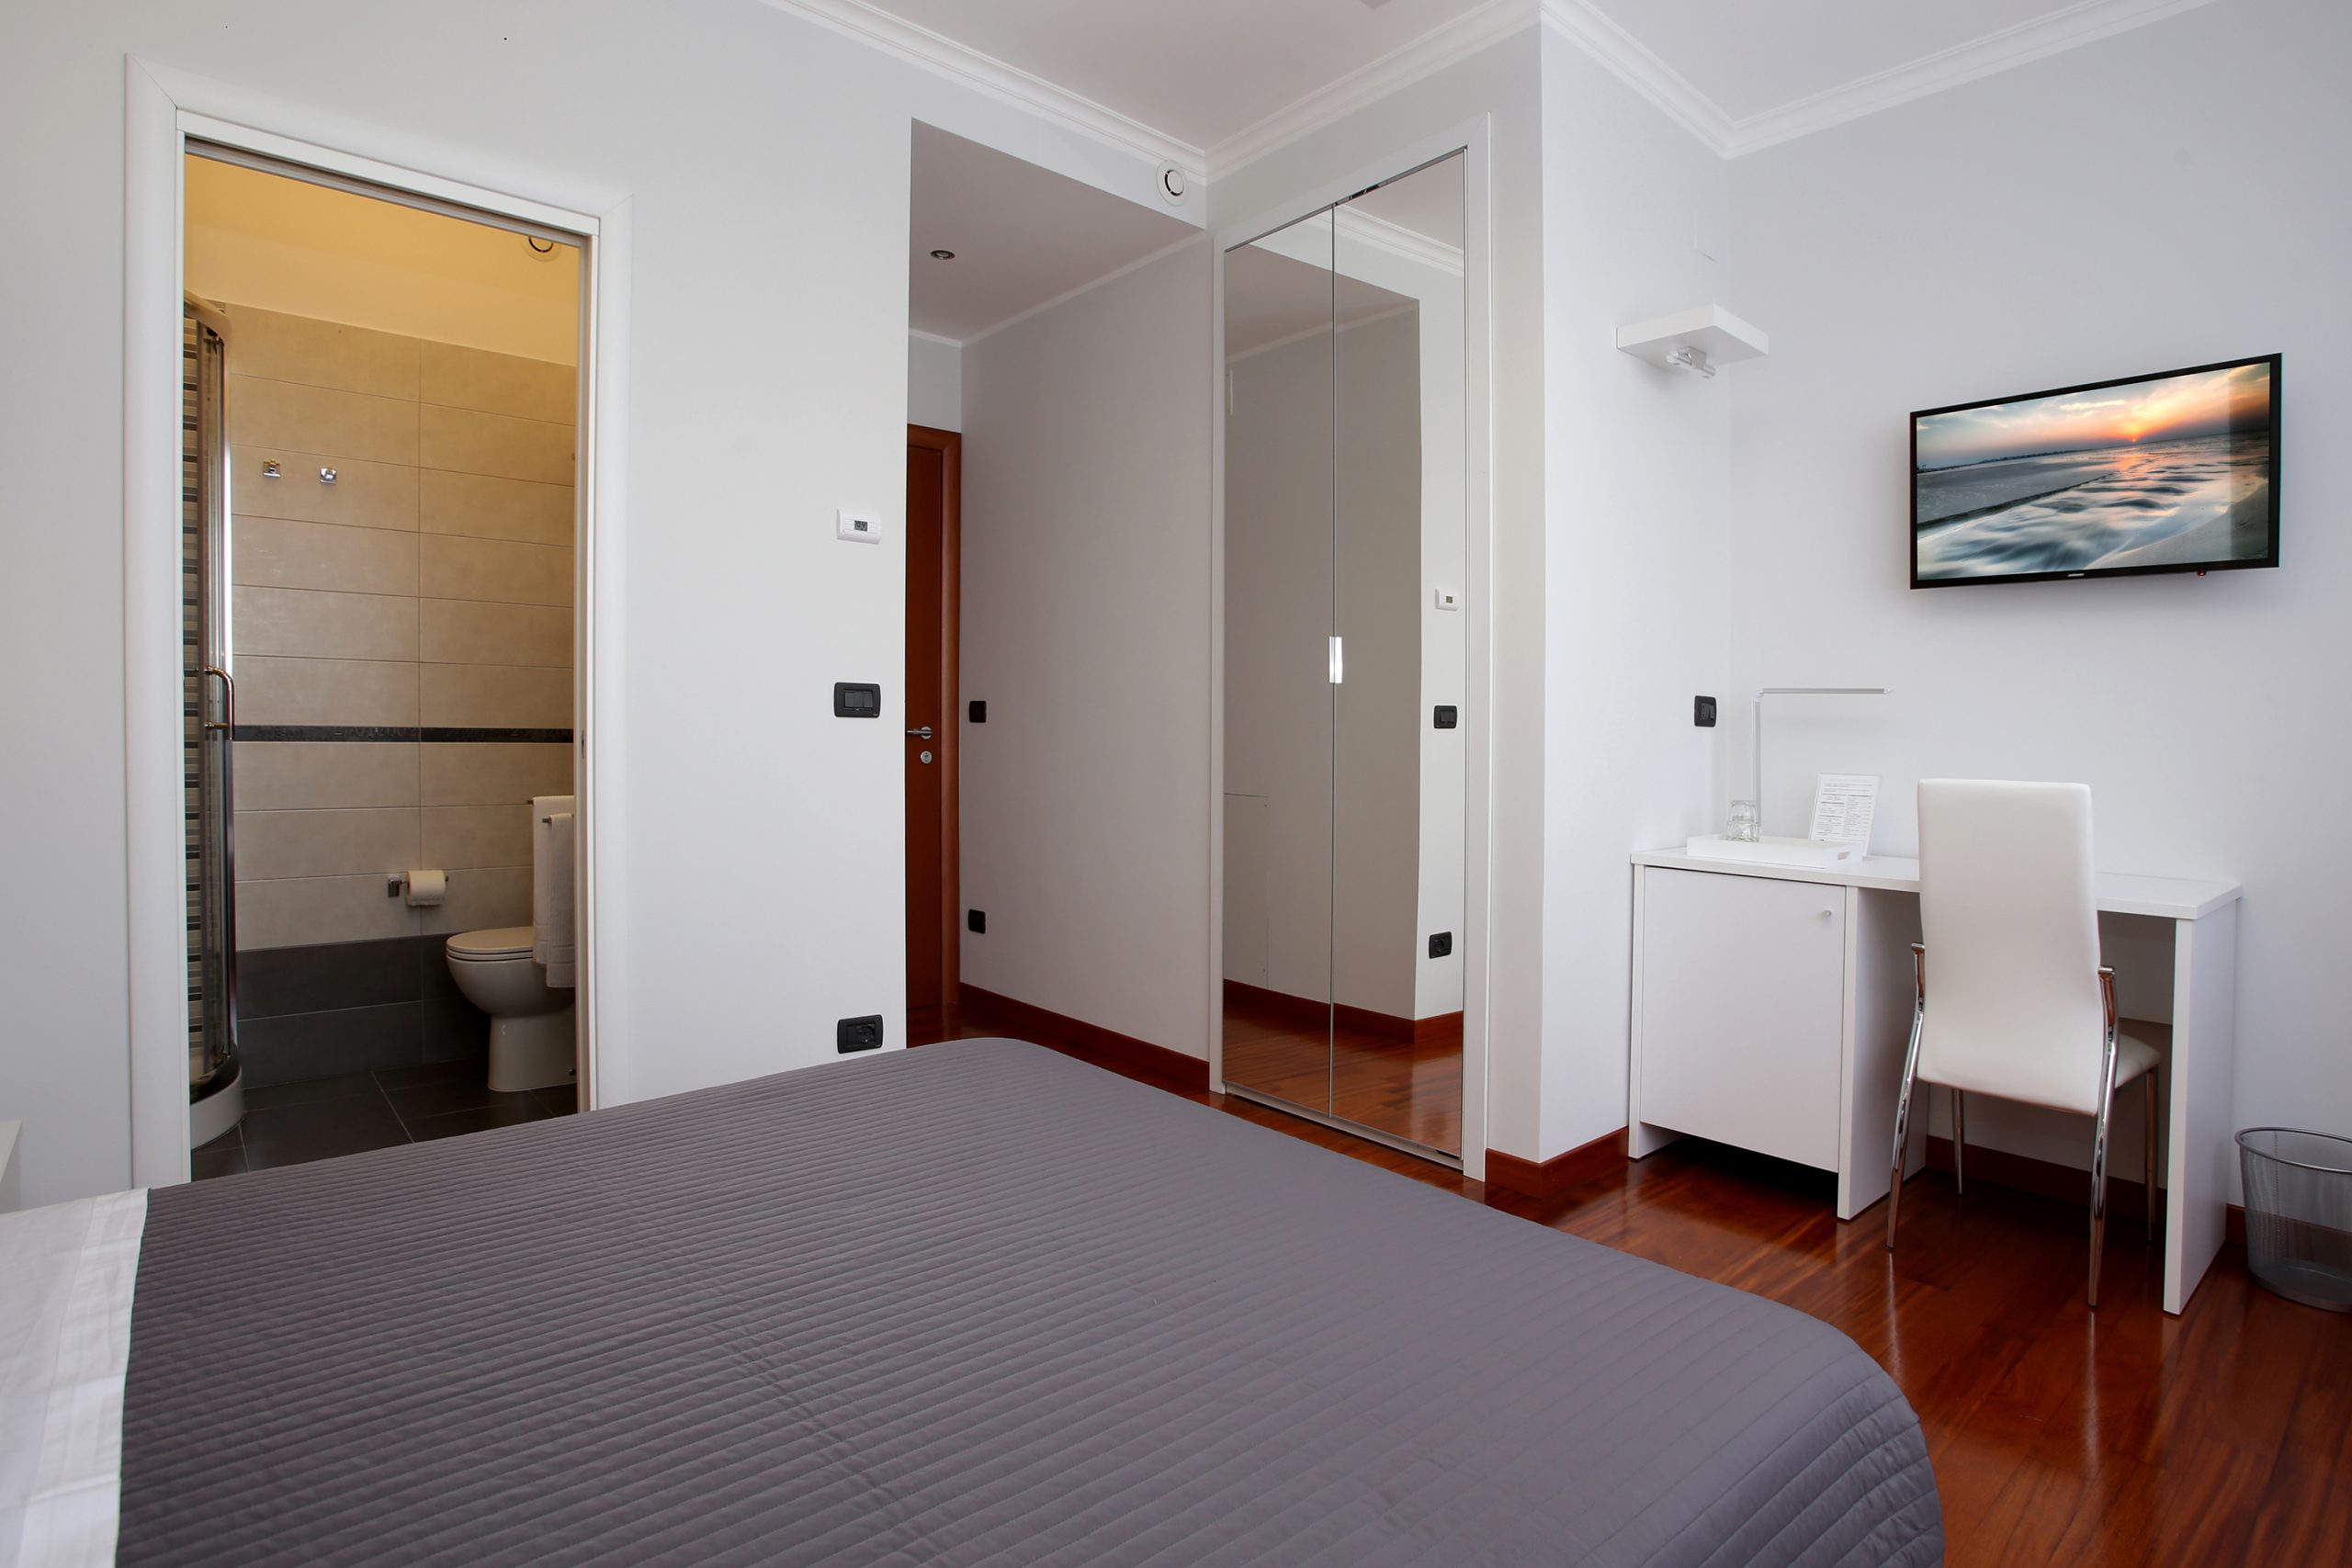 J24 B&B - bed & breakfast roma eur - Klimt - camera matrimoniale con bagno privato